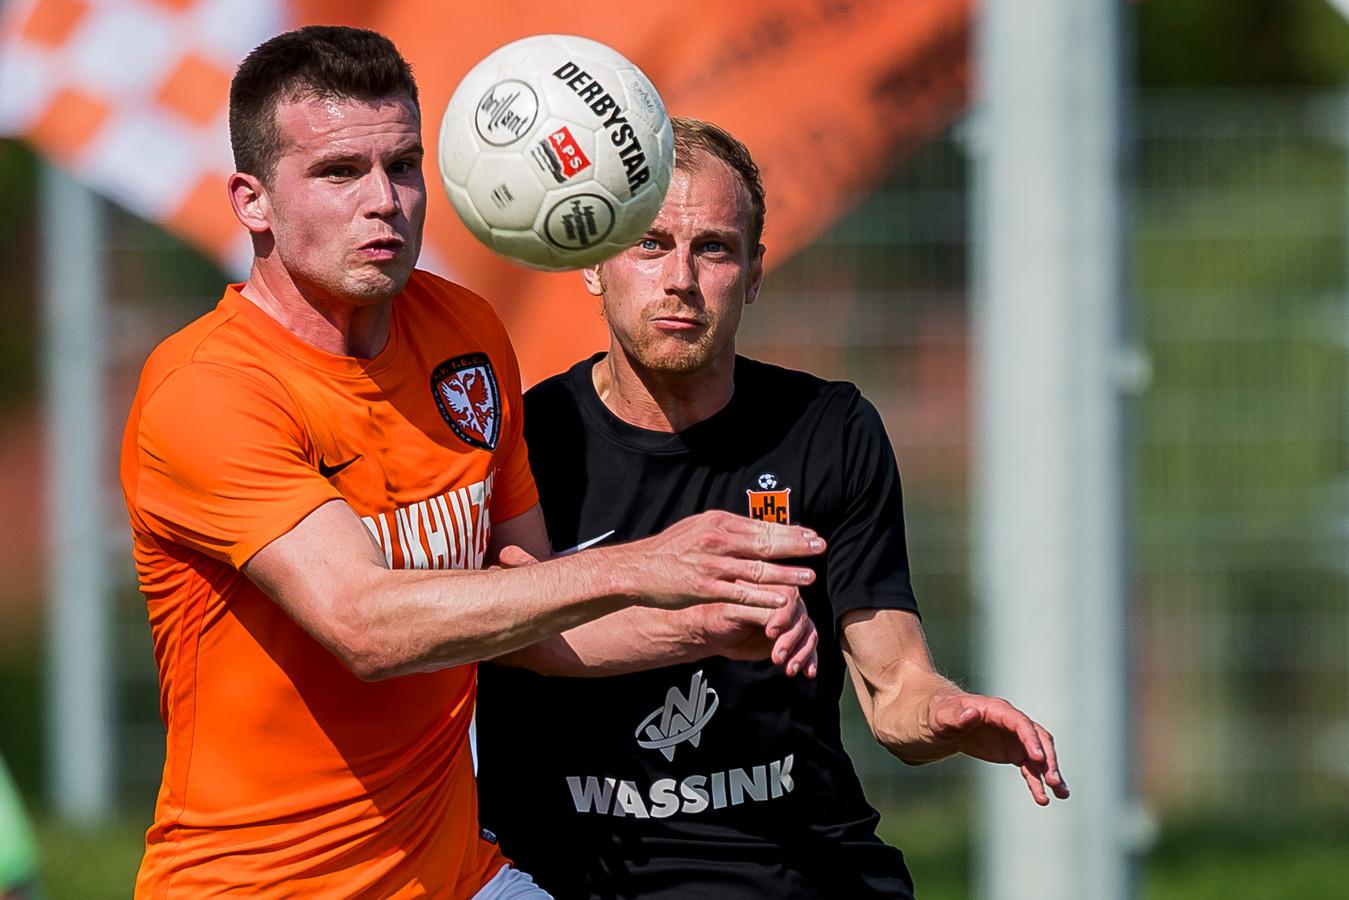 Migiel Zeller is weer volledig inzetbaar en start tegen HSC'21 misschien wel in de basis, liet trainer Frits van den Berk weten.